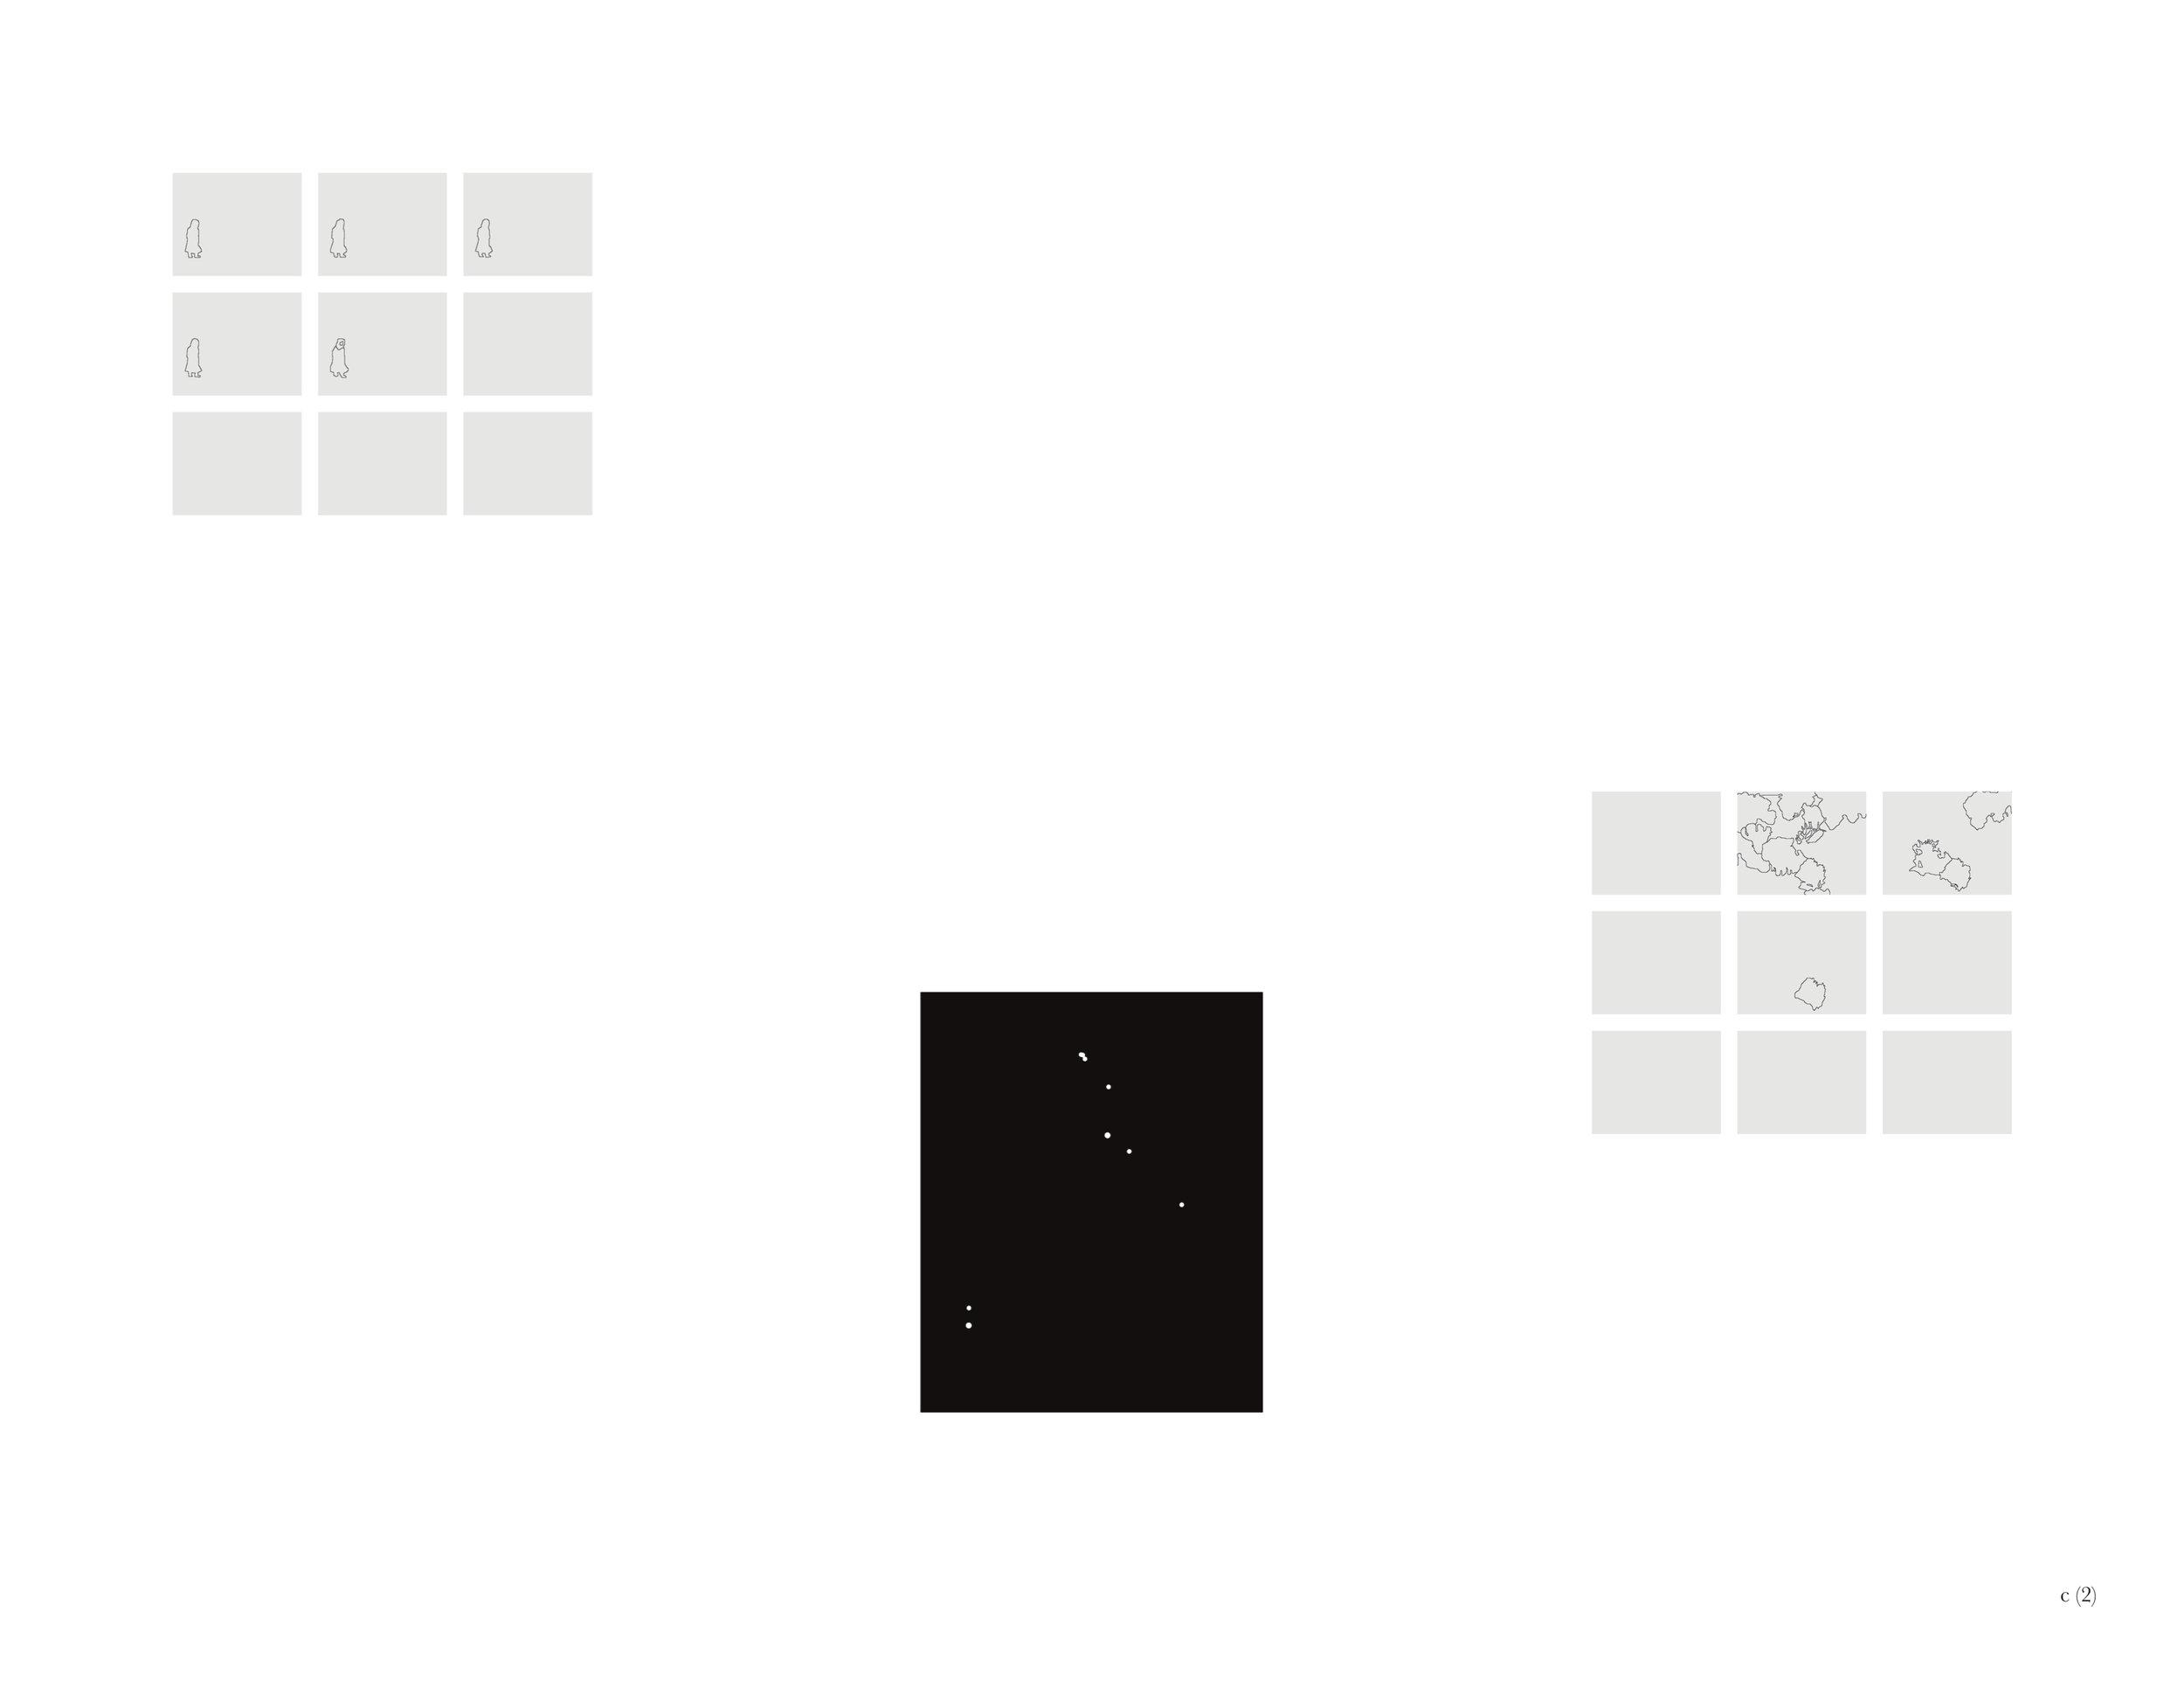 av010-2_13.jpg